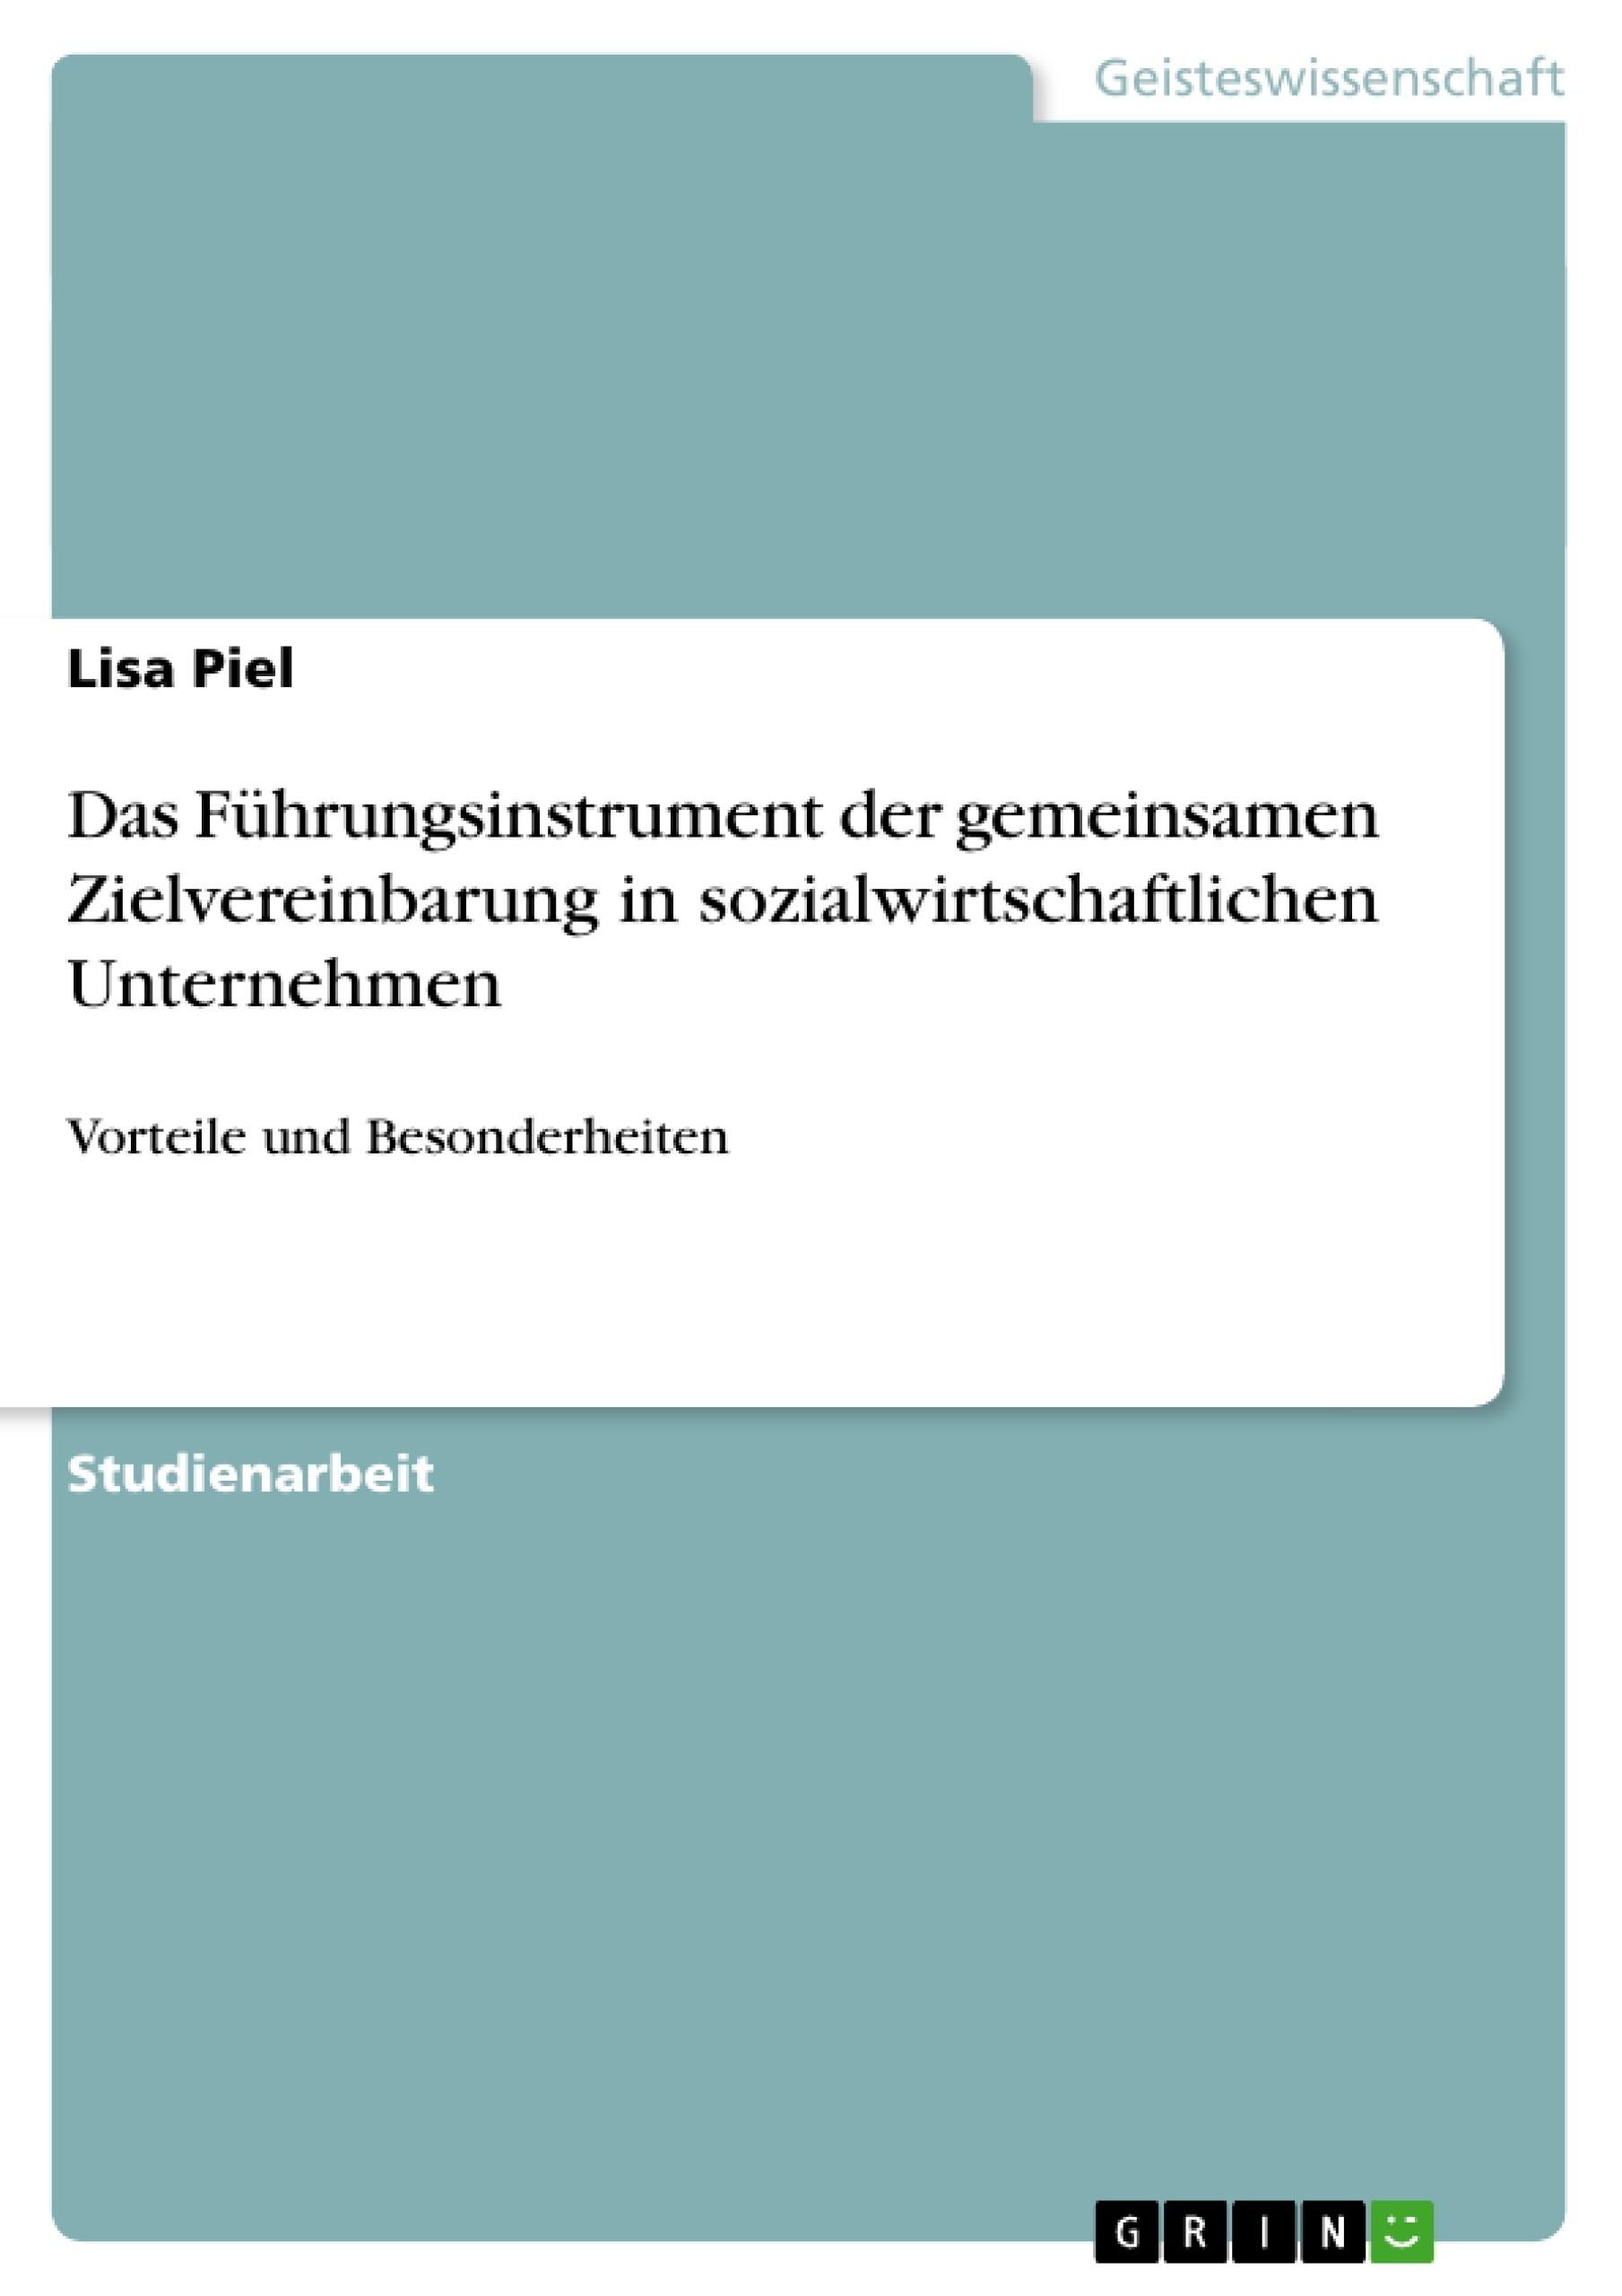 Titel: Das Führungsinstrument der gemeinsamen Zielvereinbarung in sozialwirtschaftlichen Unternehmen